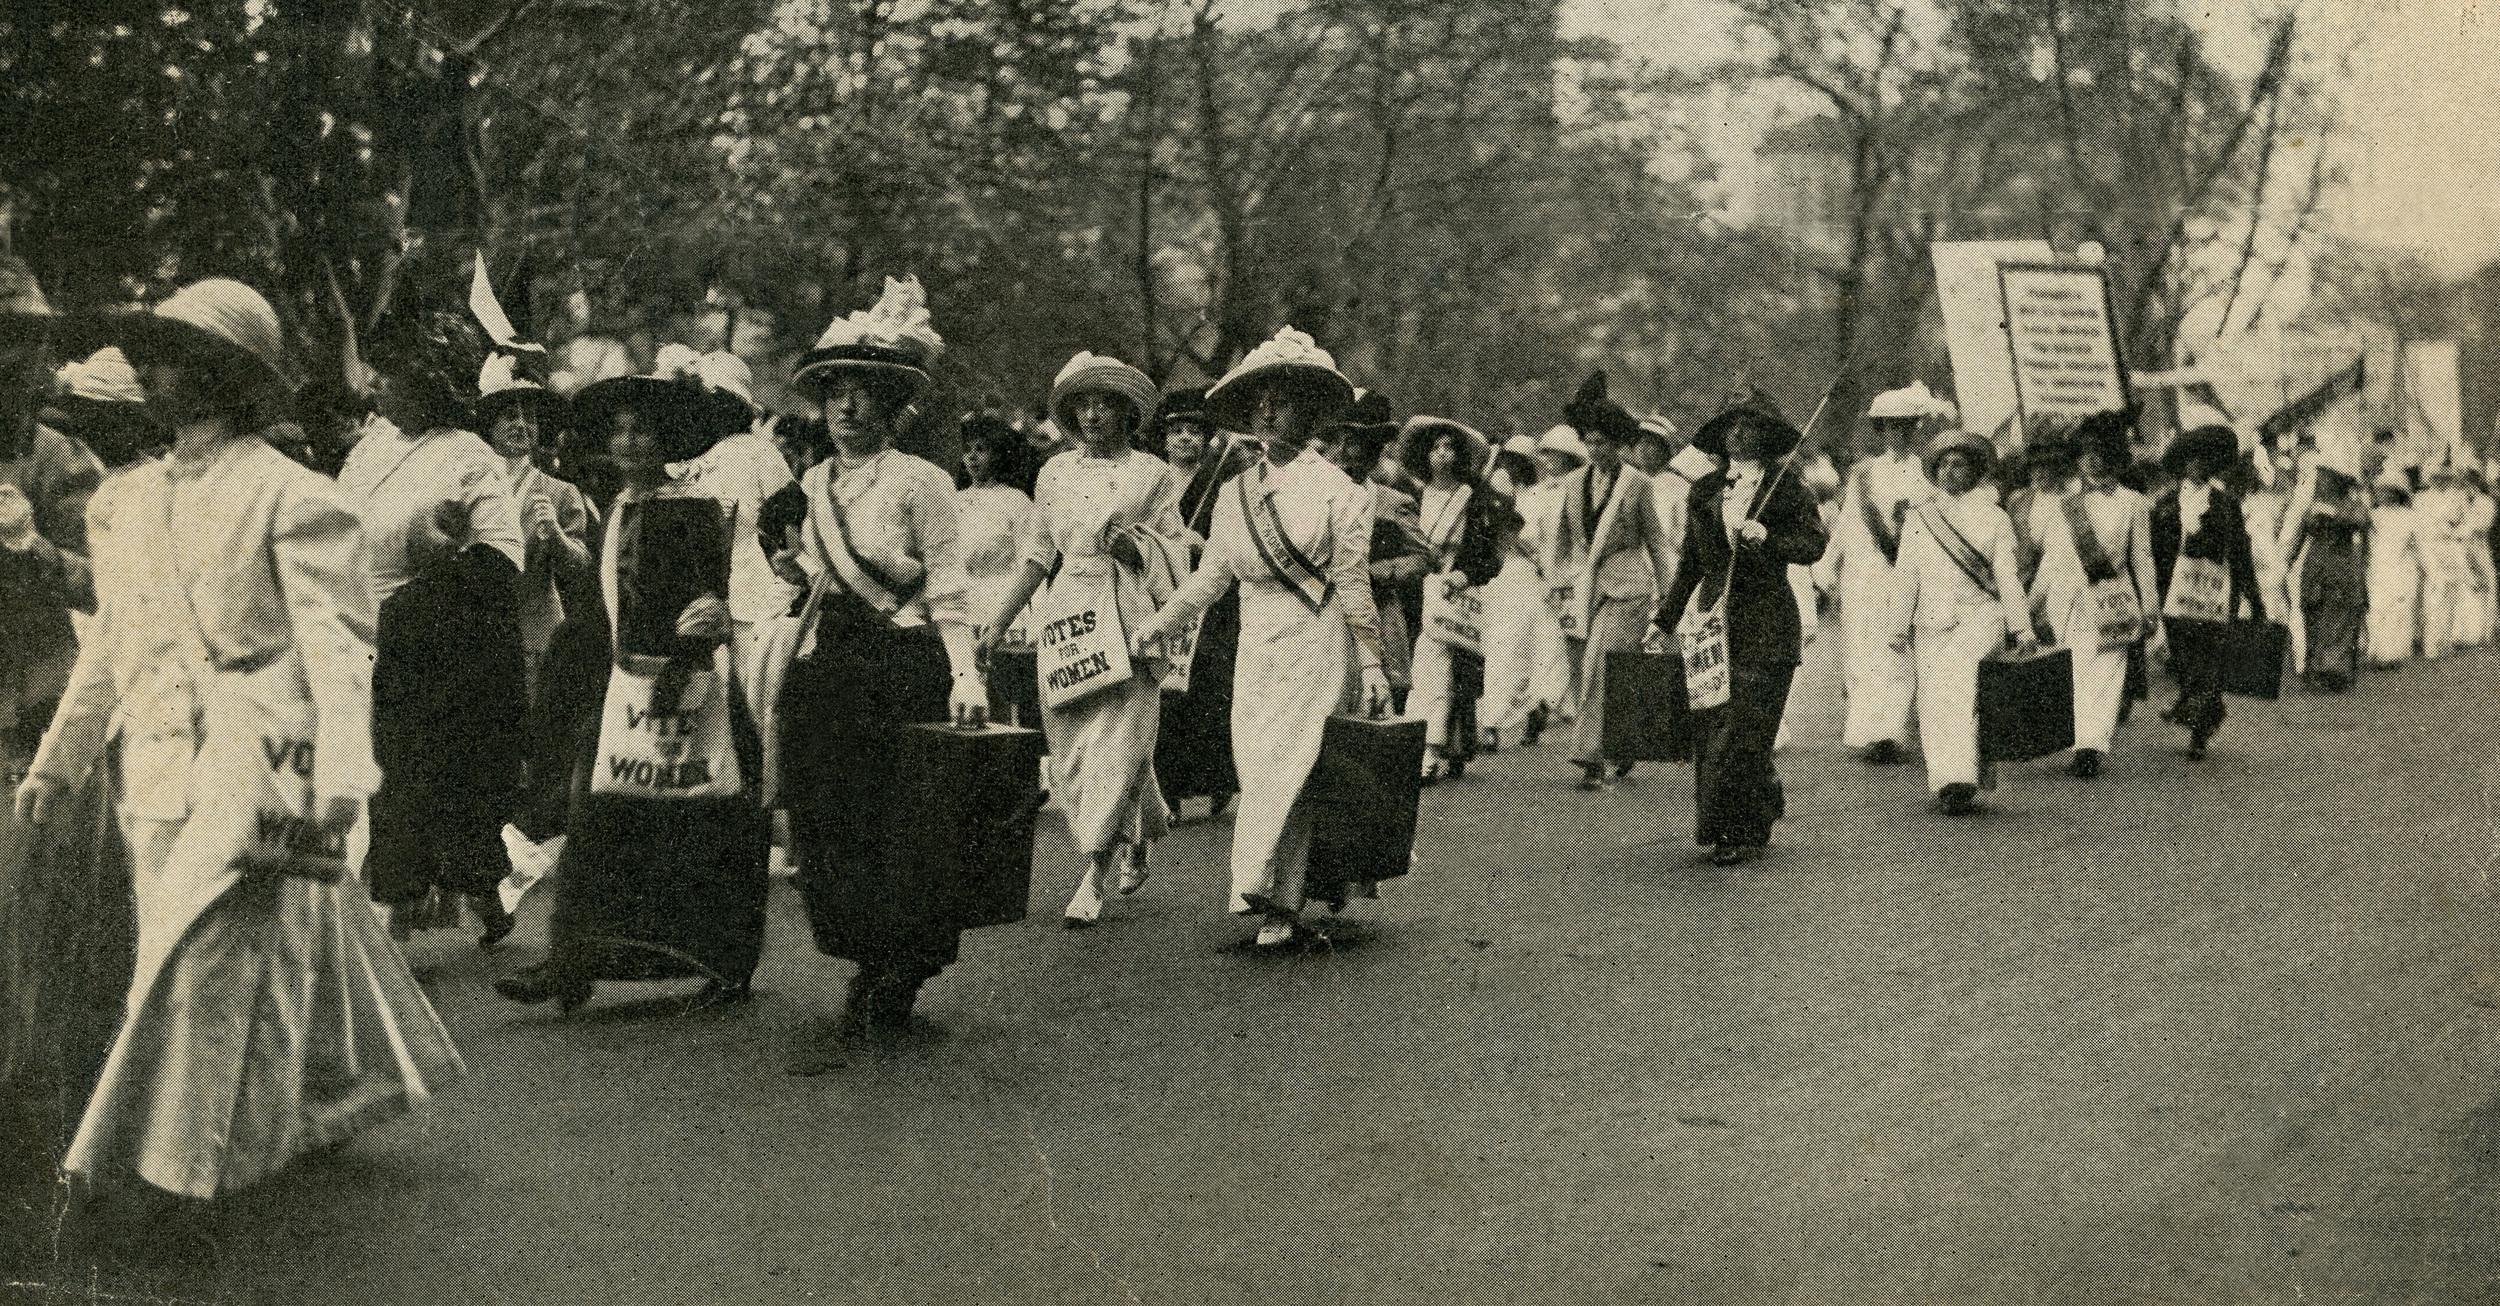 1912nycparade.jpg